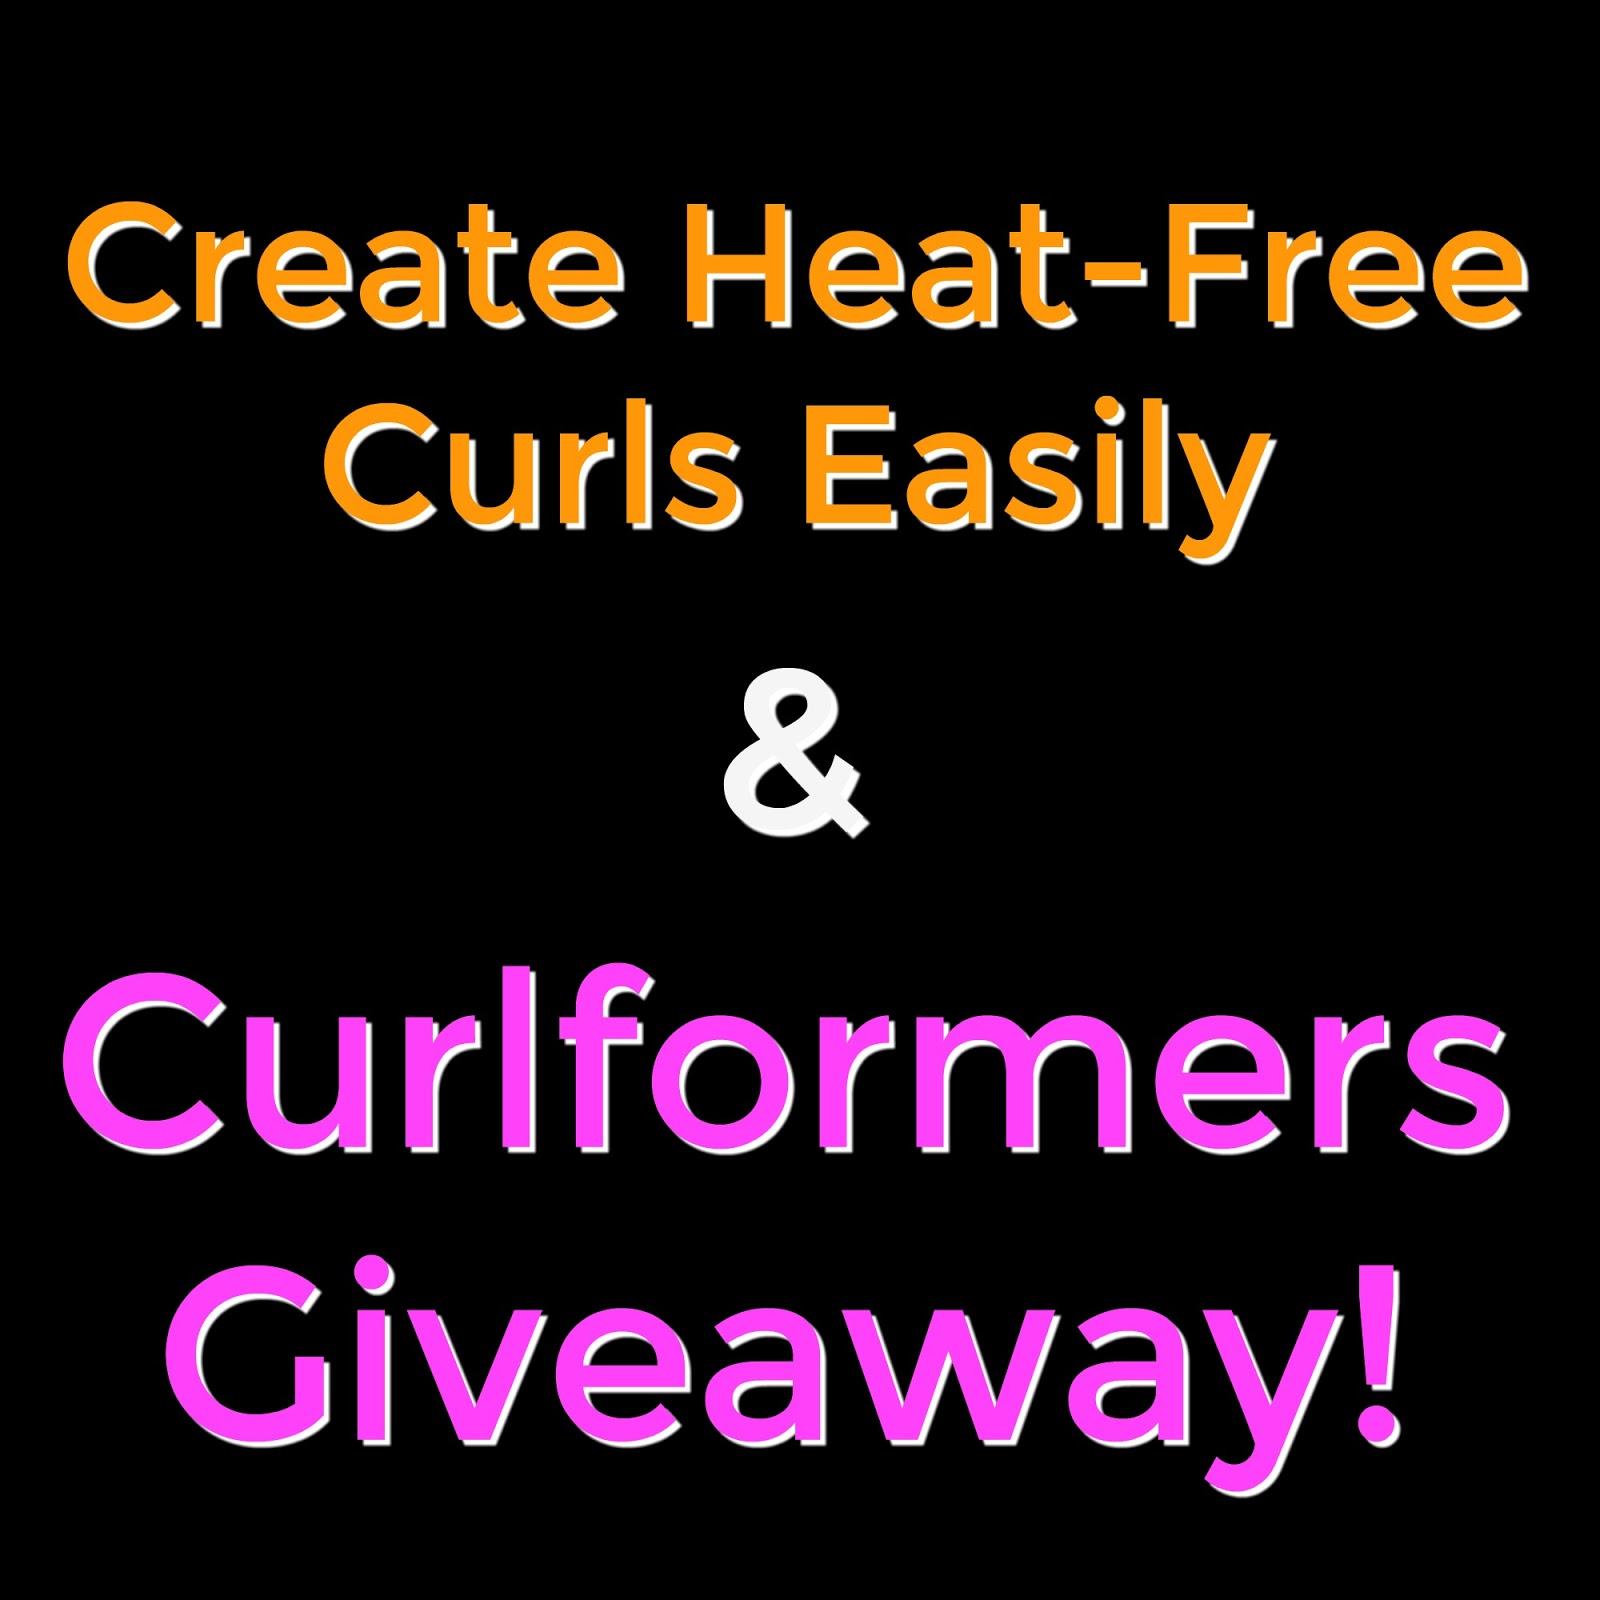 Create Heat-Free Curls Easily & Curlformers Set Giveaway!